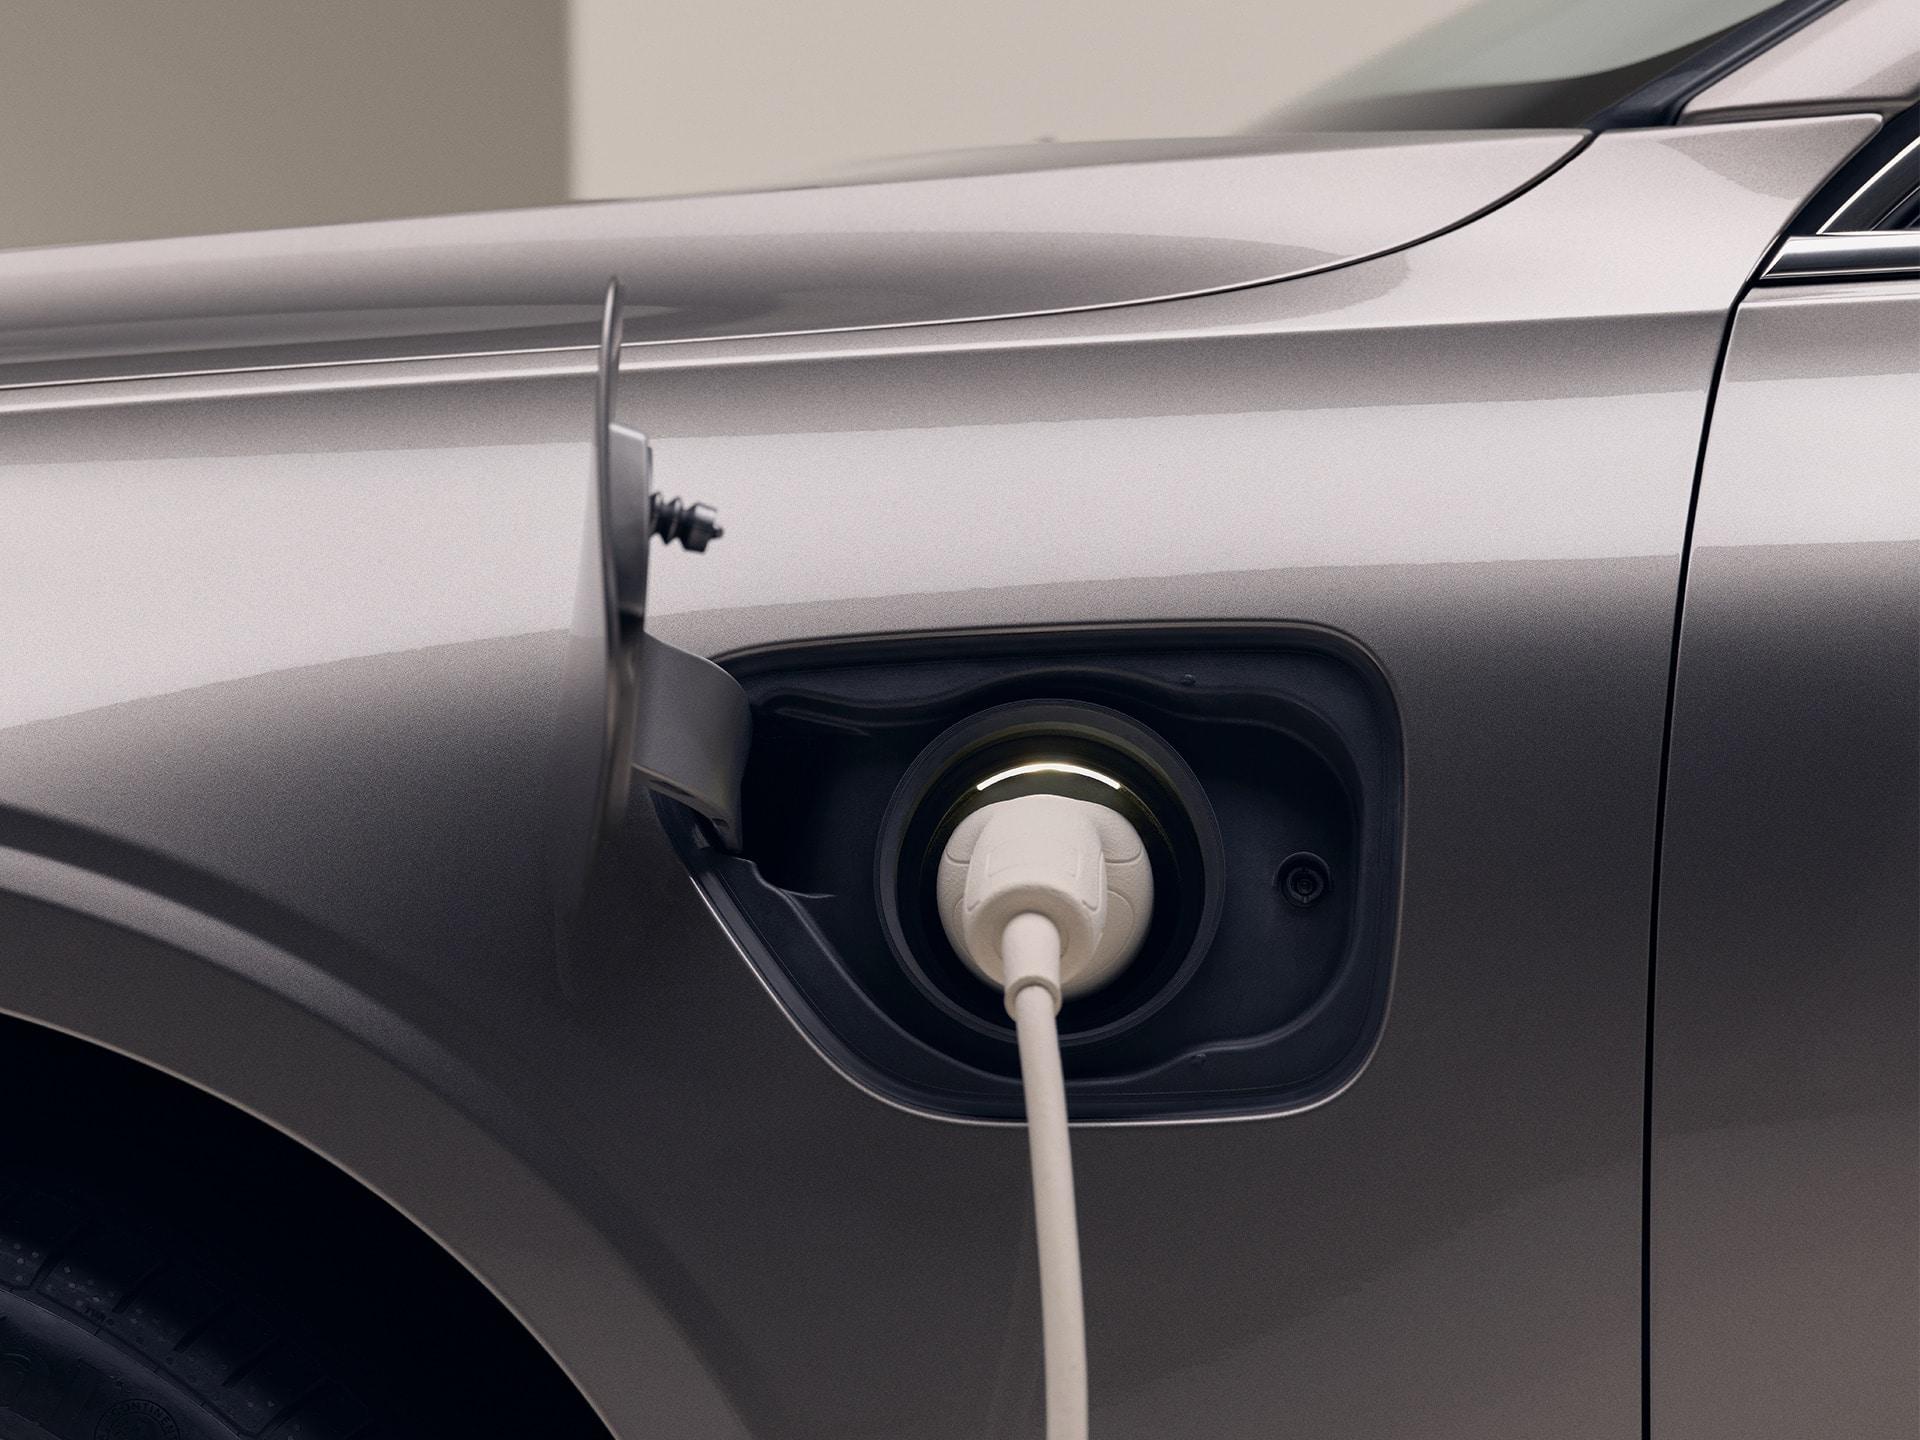 Lähikuva harmaan Volvon vasemmasta etukulmasta valkoinen latauskaapeli kytkettynä auton latausliitäntään